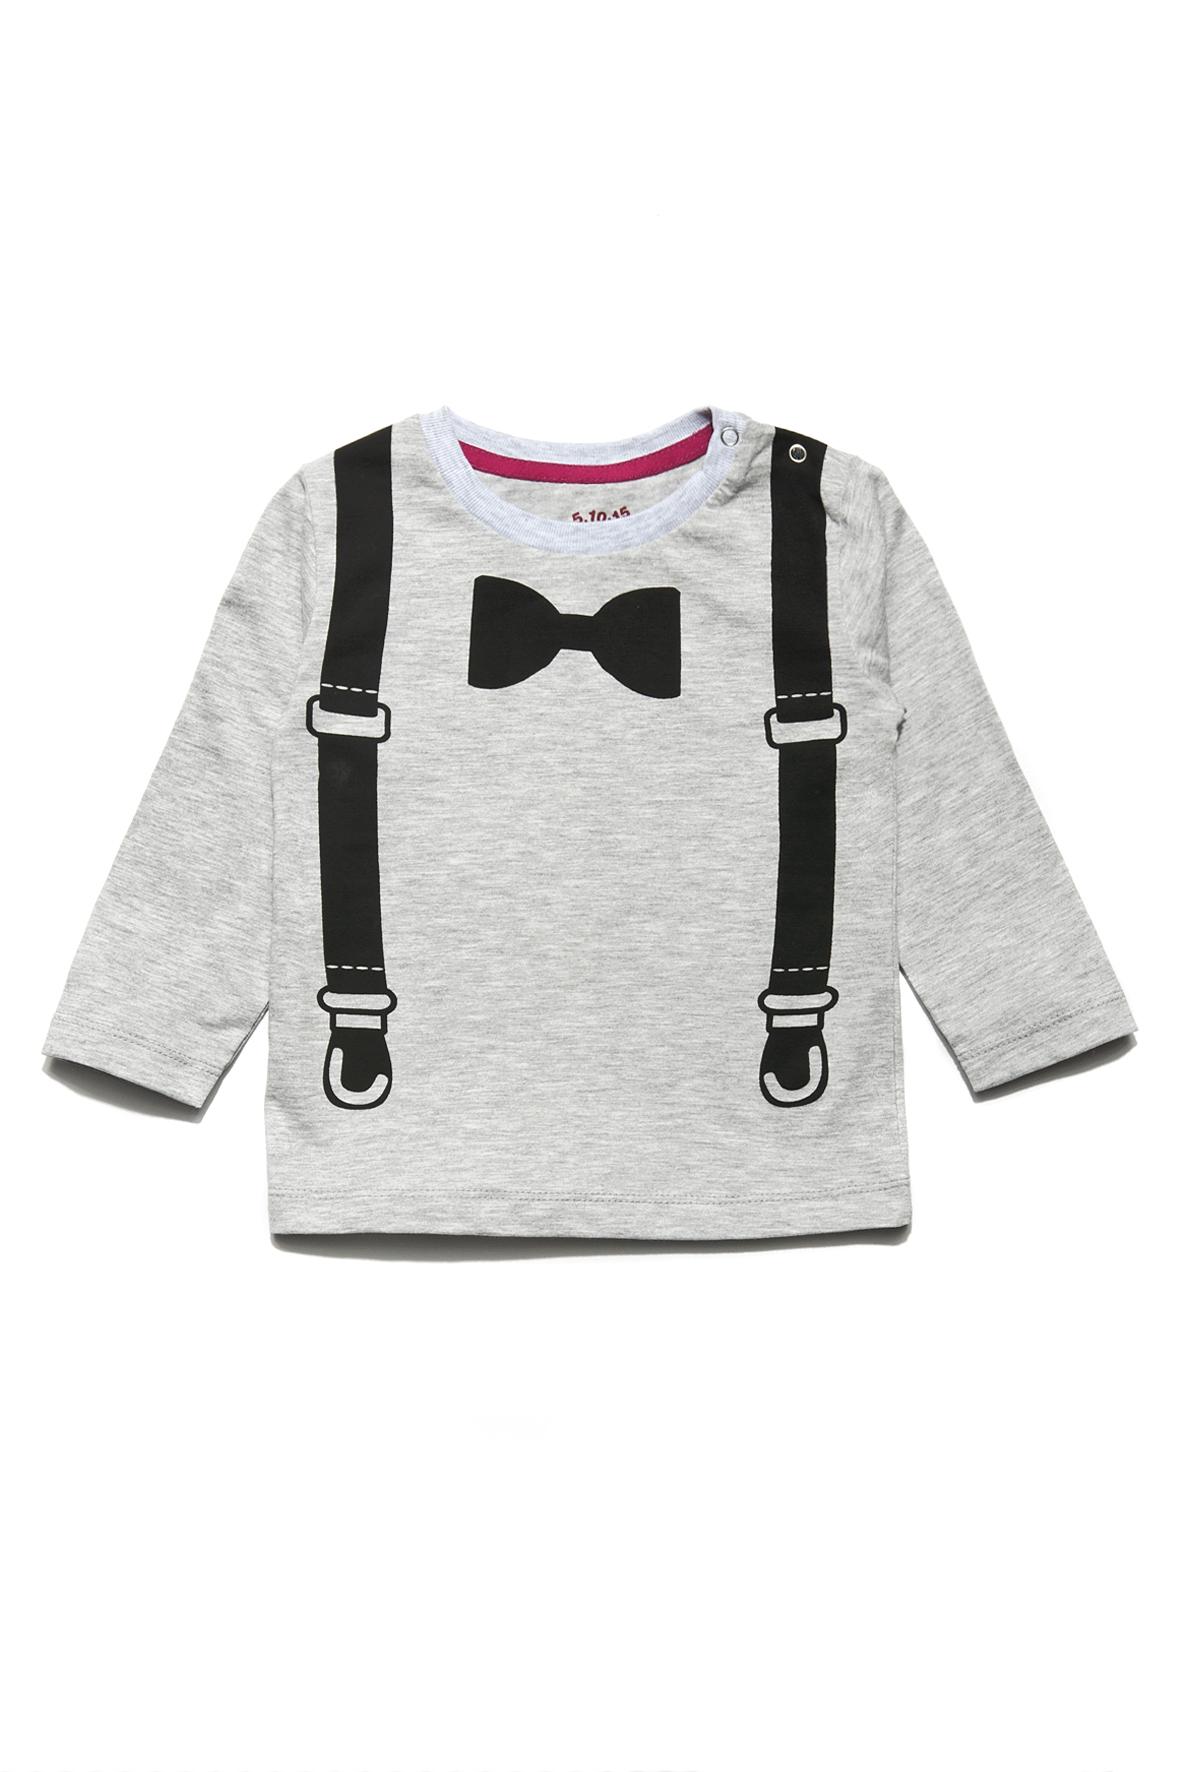 Bluza niemowlęca chłopięca (źródło: www.51015kids.eu)